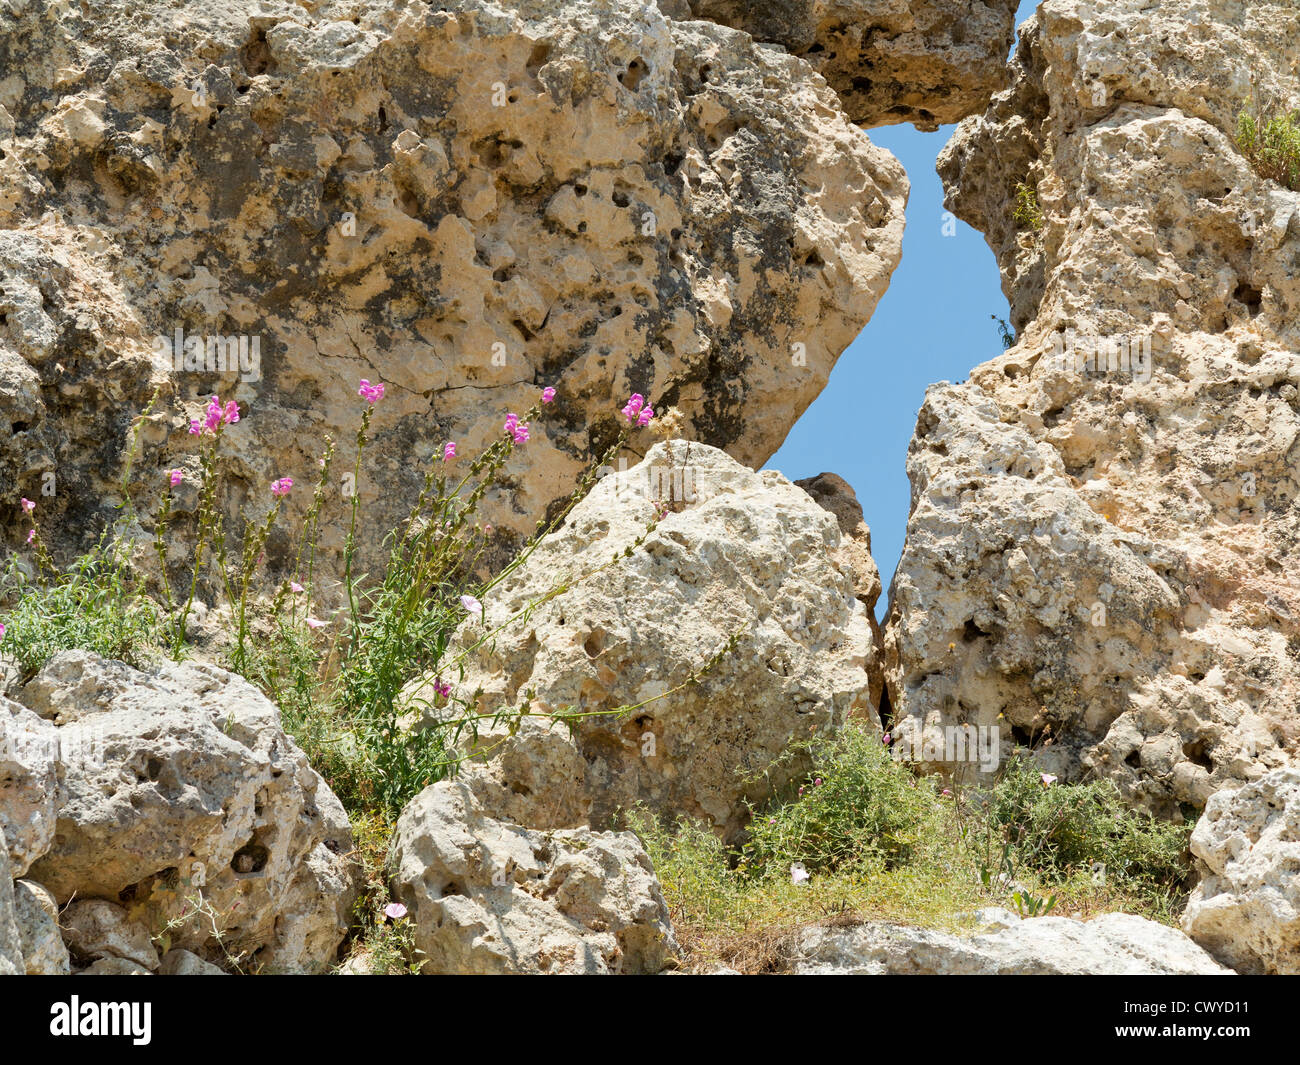 Wild fiori di primavera presso i templi di Ggantija vicino Xagha, isola di Gozo, vicino a Malta, Mare Mediterraneo Immagini Stock